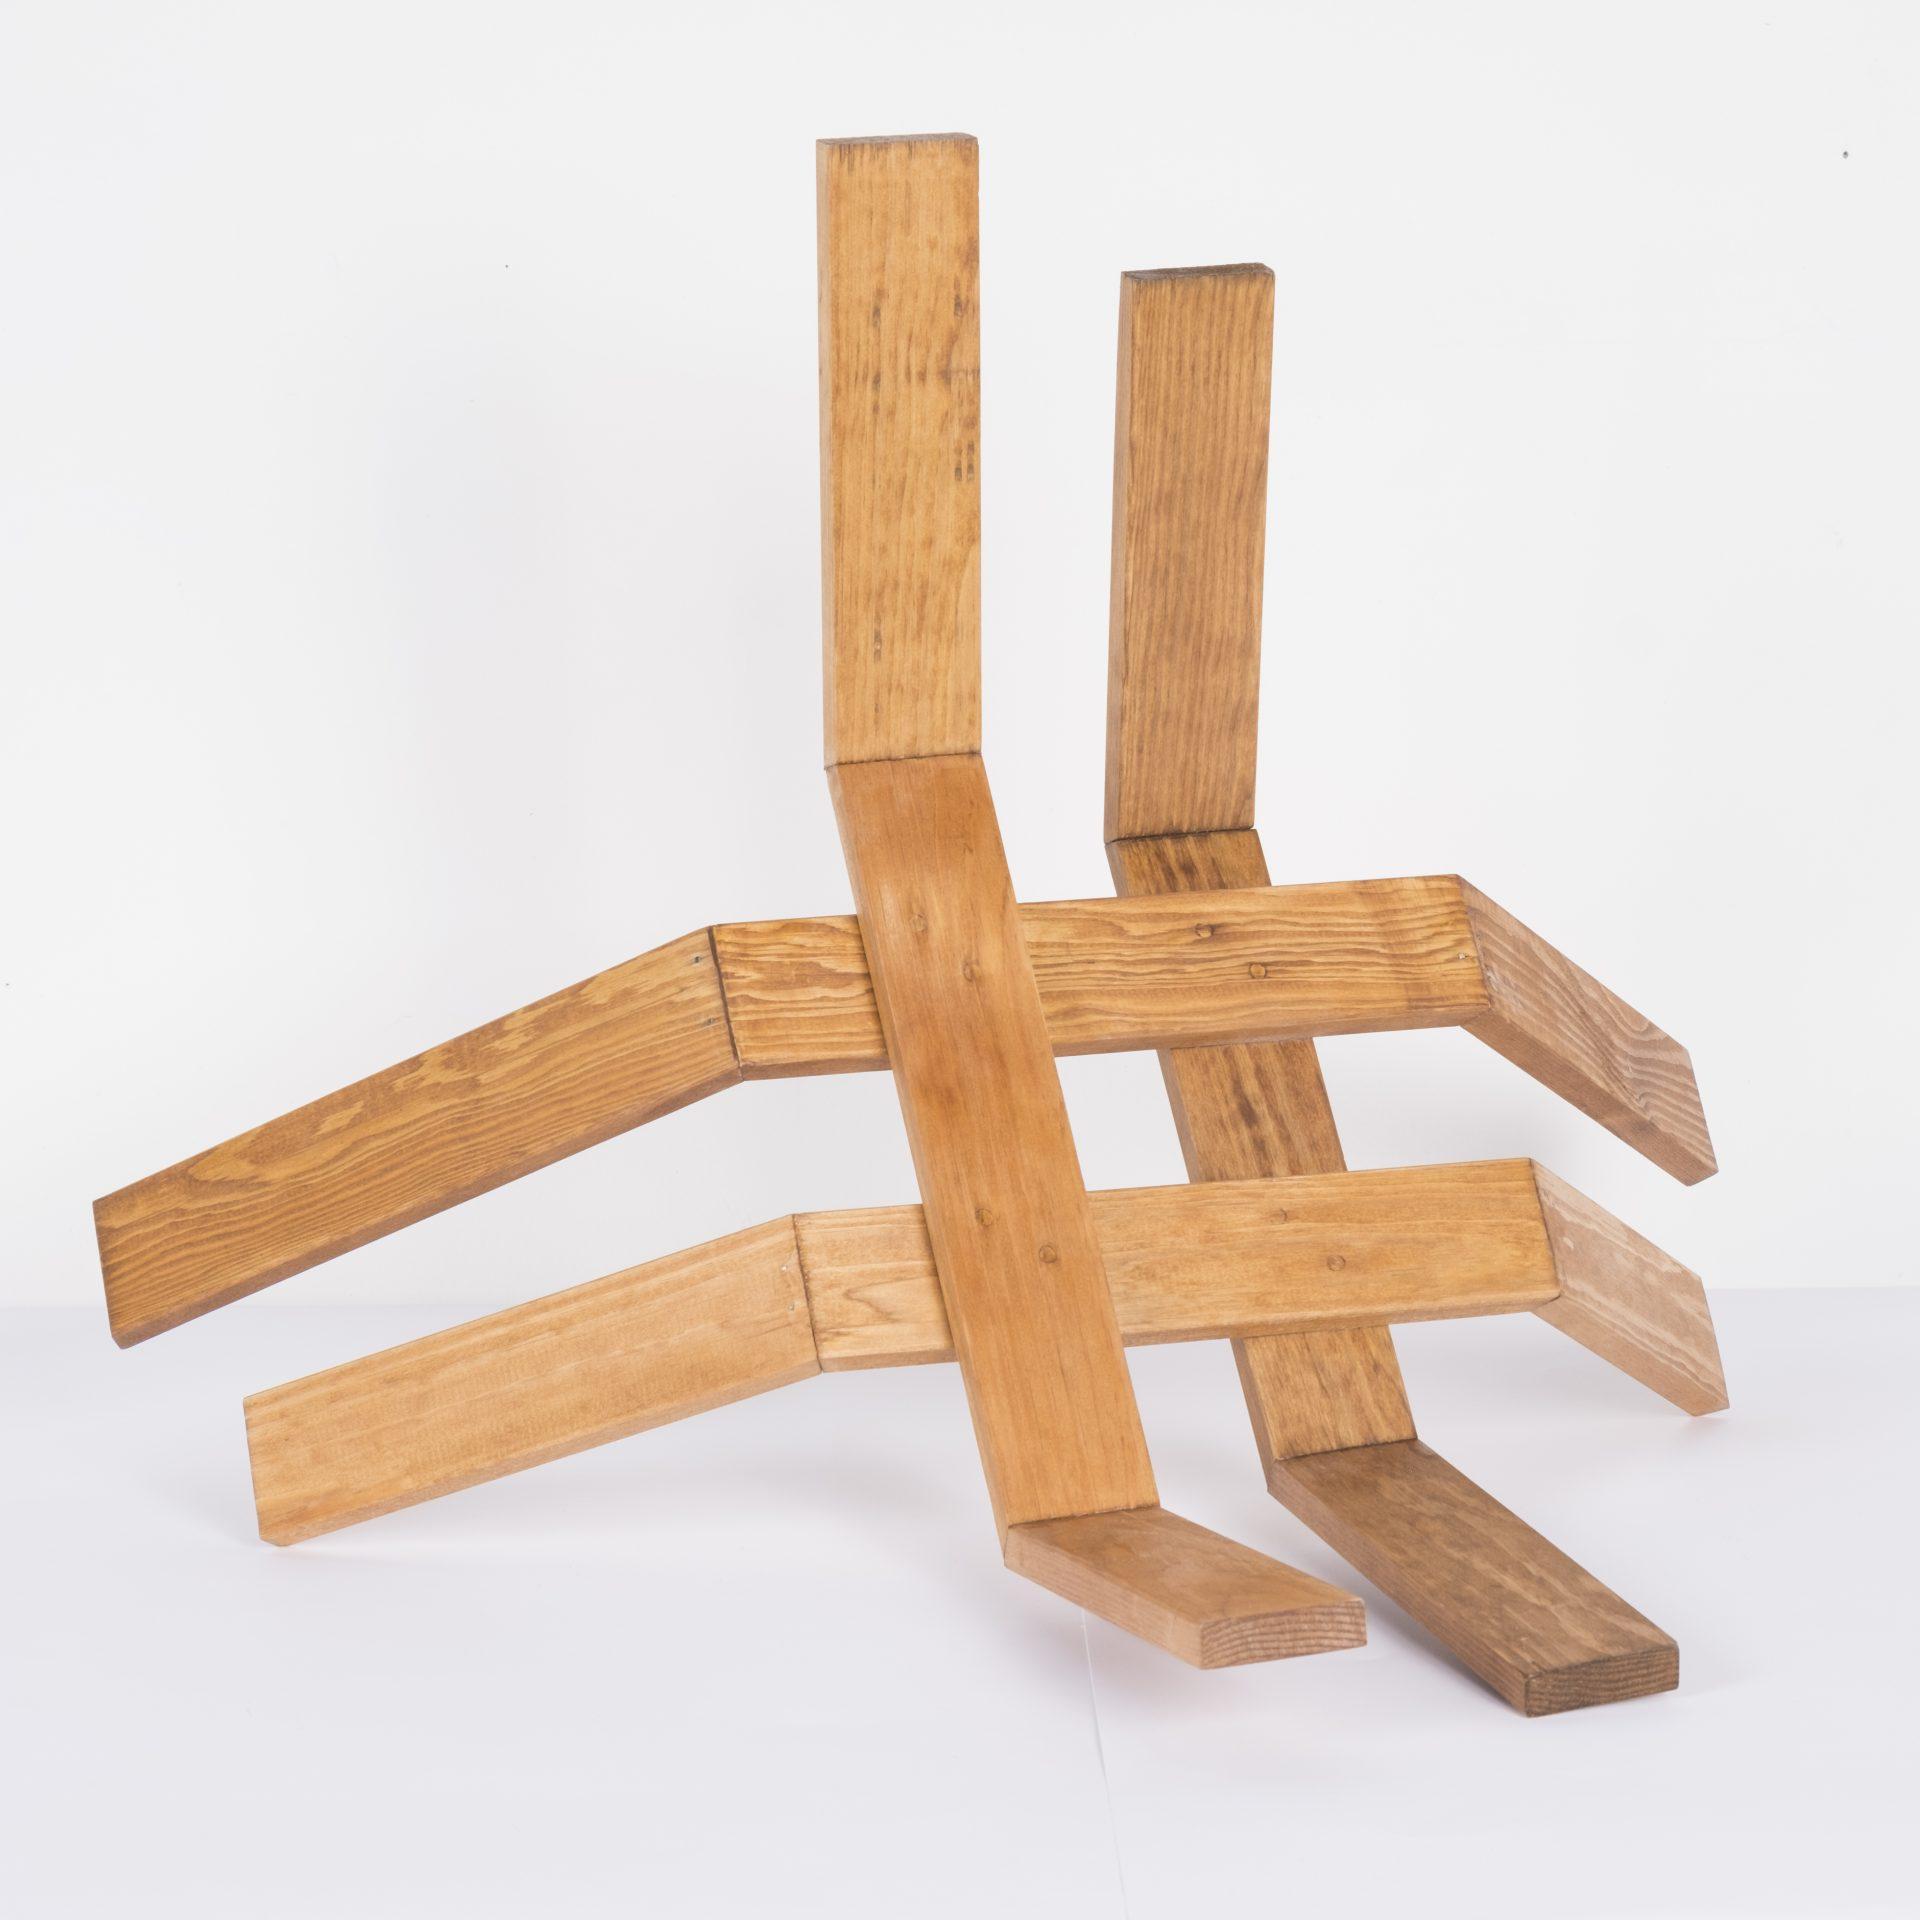 Unlimited in Dynamo<br>RMR16<br>misure: circa 50 x 50 cm<br>tecnica: legno <br>anno: 2018<br><br>DISPONIBILE